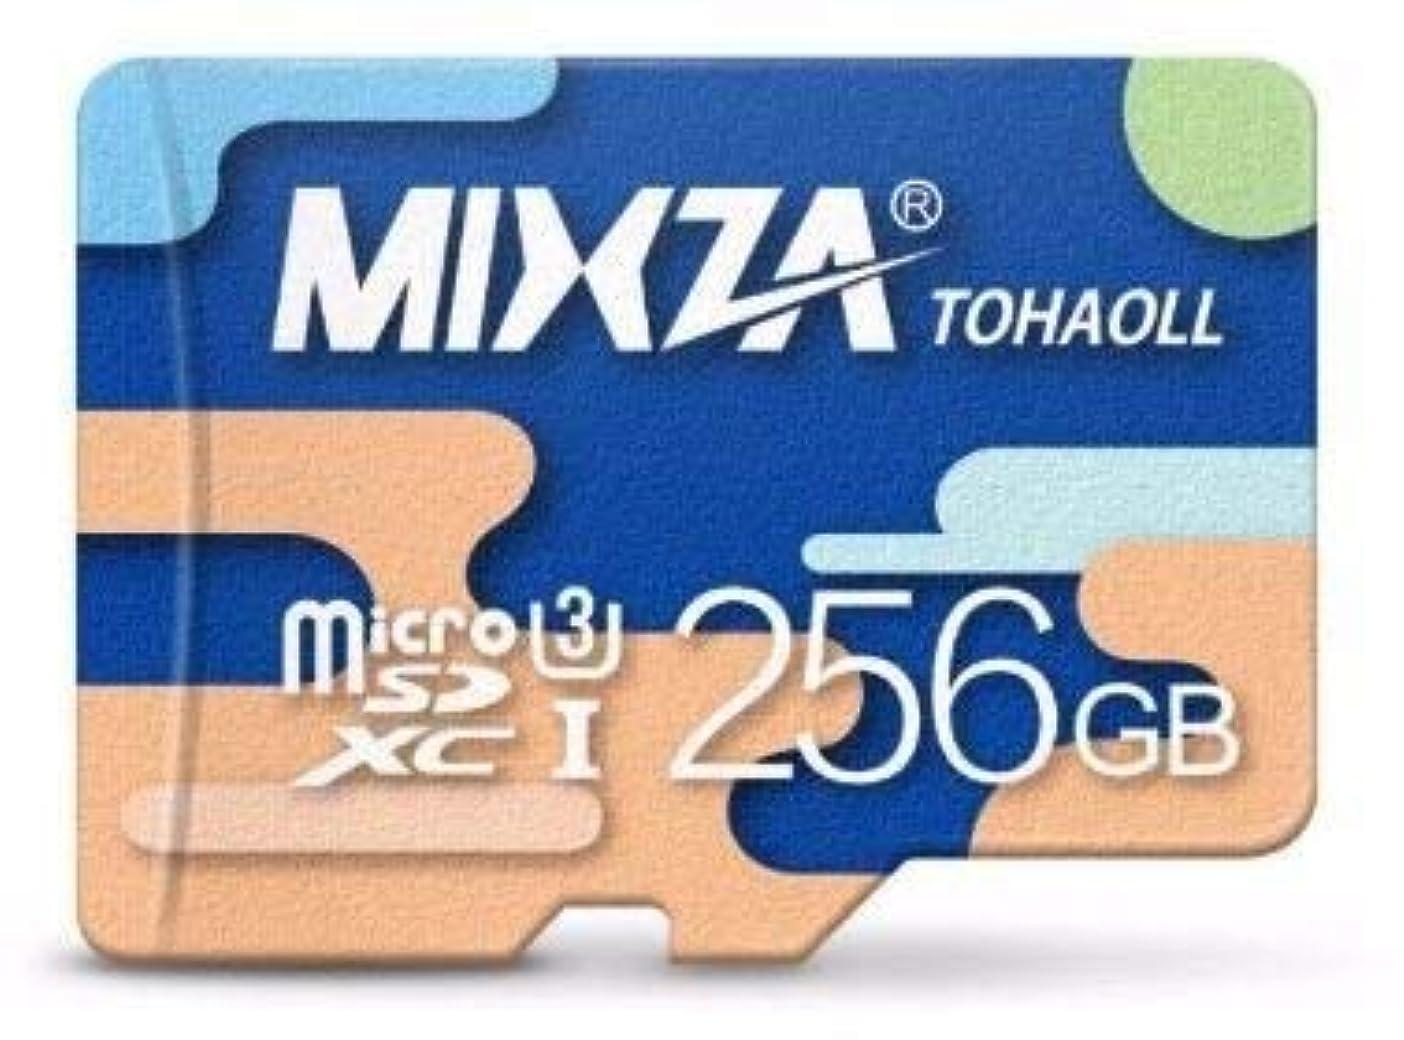 気づくなる死すべき円周MIXZA プロ仕様のプロフェッショナル256GBマイクロSDXC認定Lava Z61は耐熱性に優れ、耐寒性に優れ、長期使用に耐えられるよう作られています。 (UHS-3/3.0/V30/80MB/s)